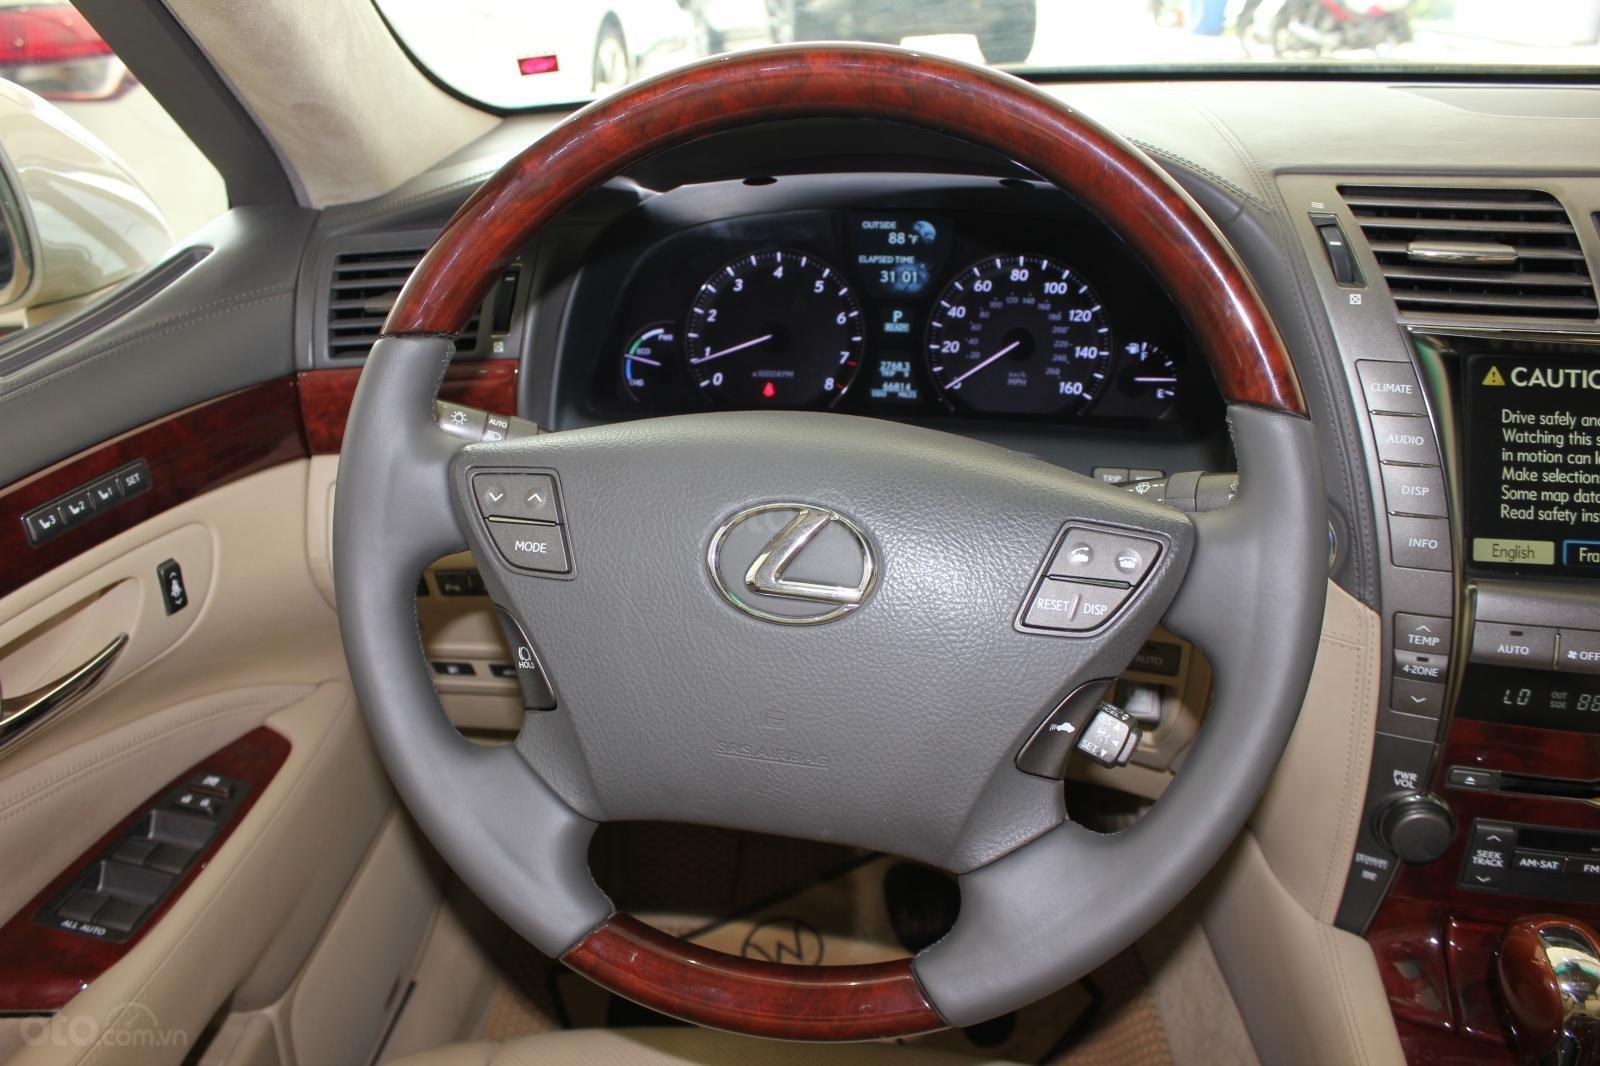 Cần bán xe Lexus LS 600HL 5.0 xăng điện 2008, màu vàng, nhập khẩu (12)